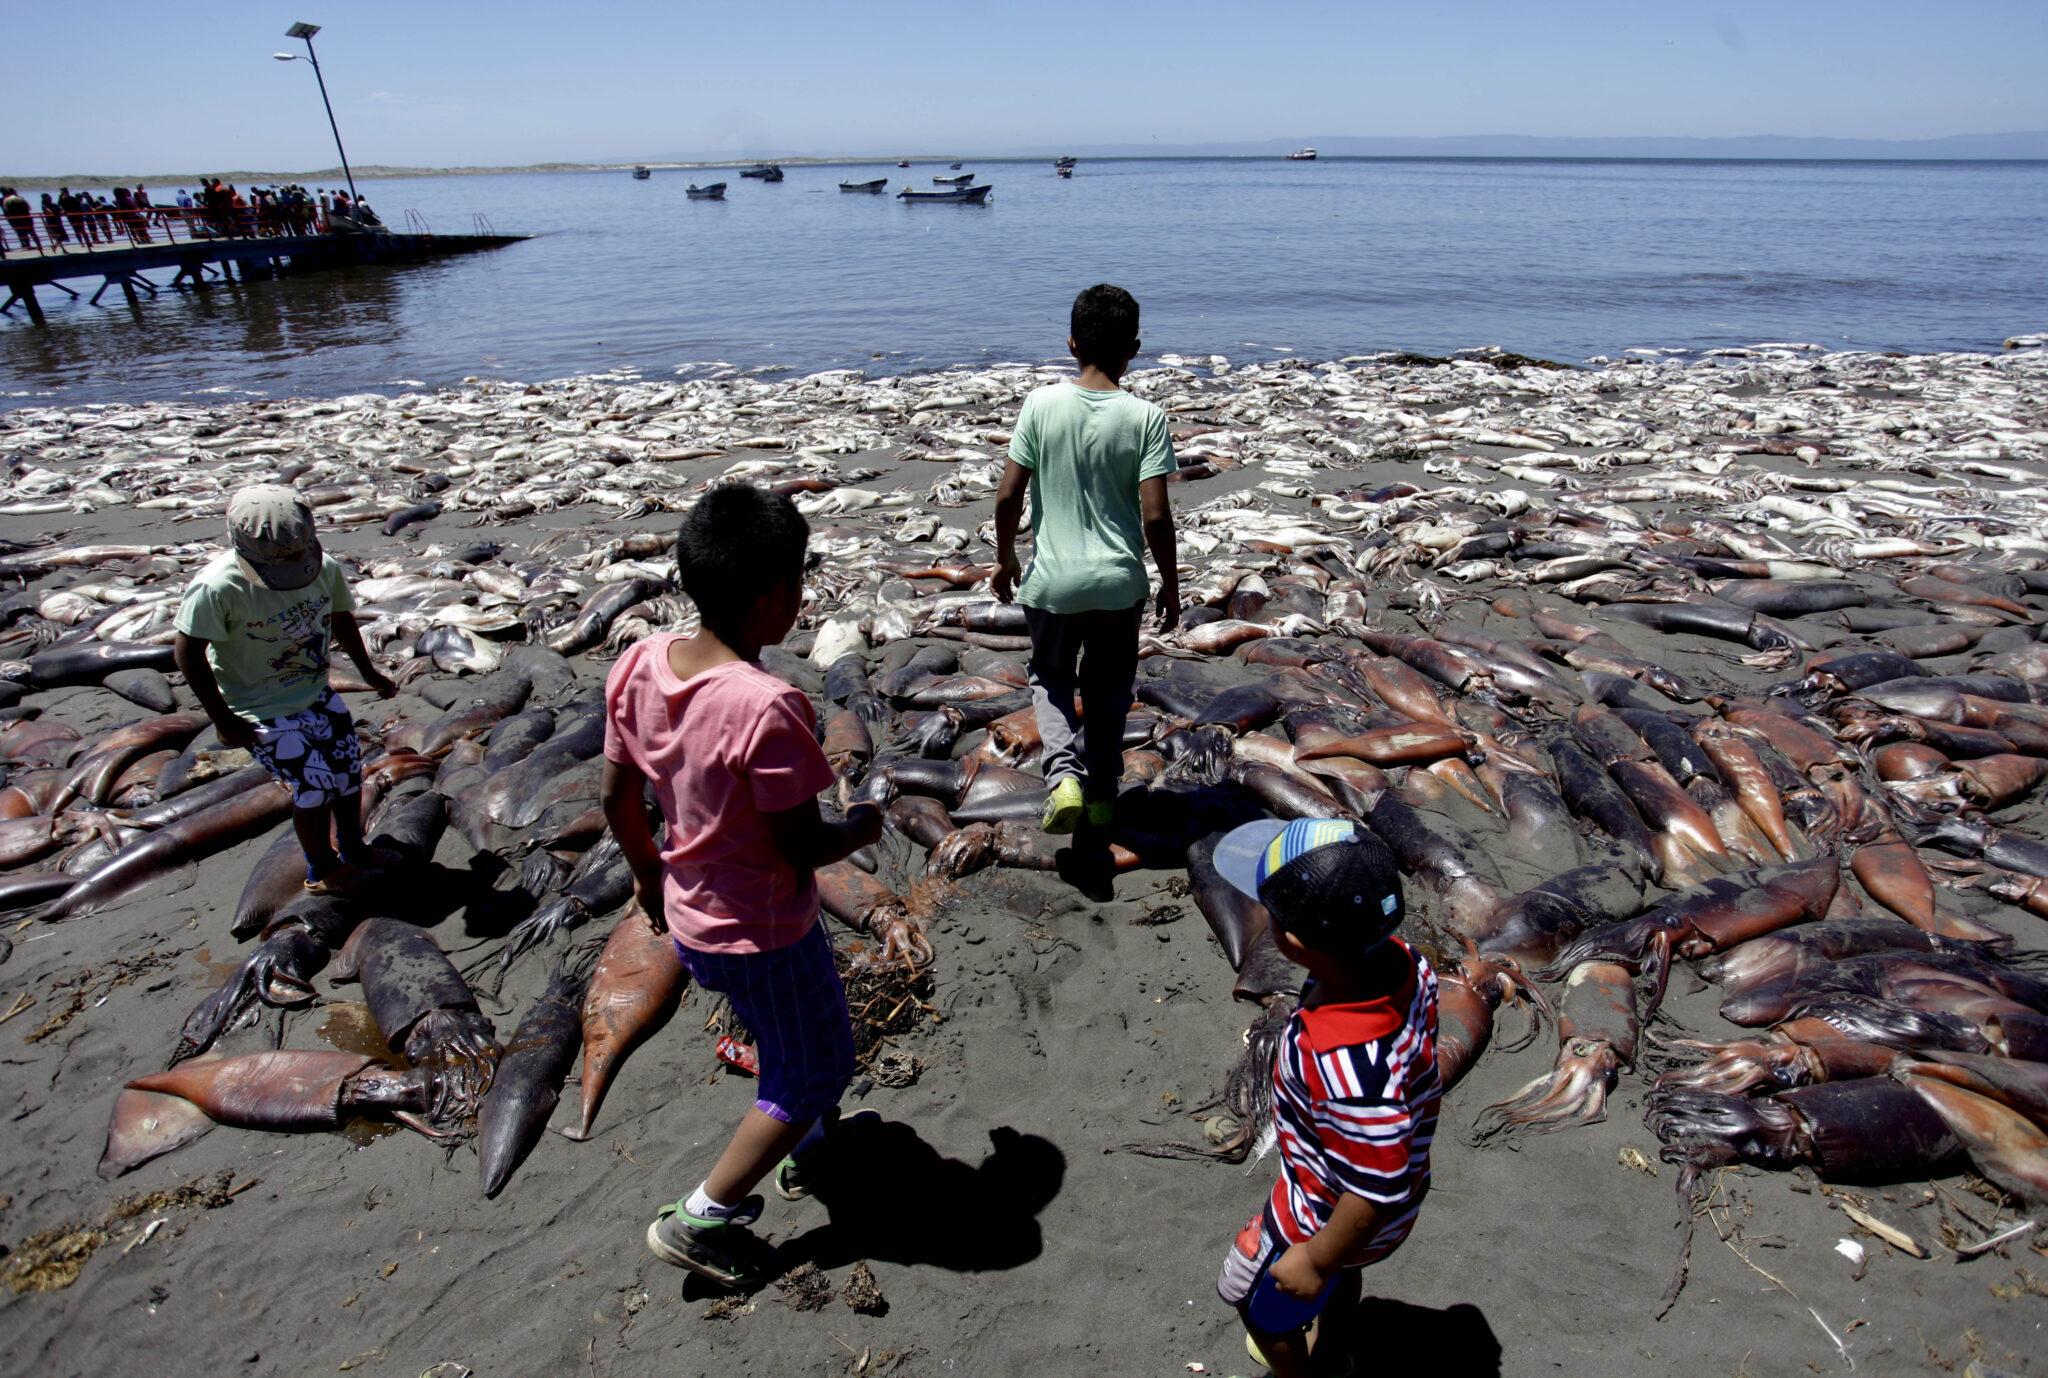 A UNO 627227 183x96 - Crisis Sanitaria en Isla Santa María: devastadoras imágenes de hambruna que ha dejado más de 100 animales muertos